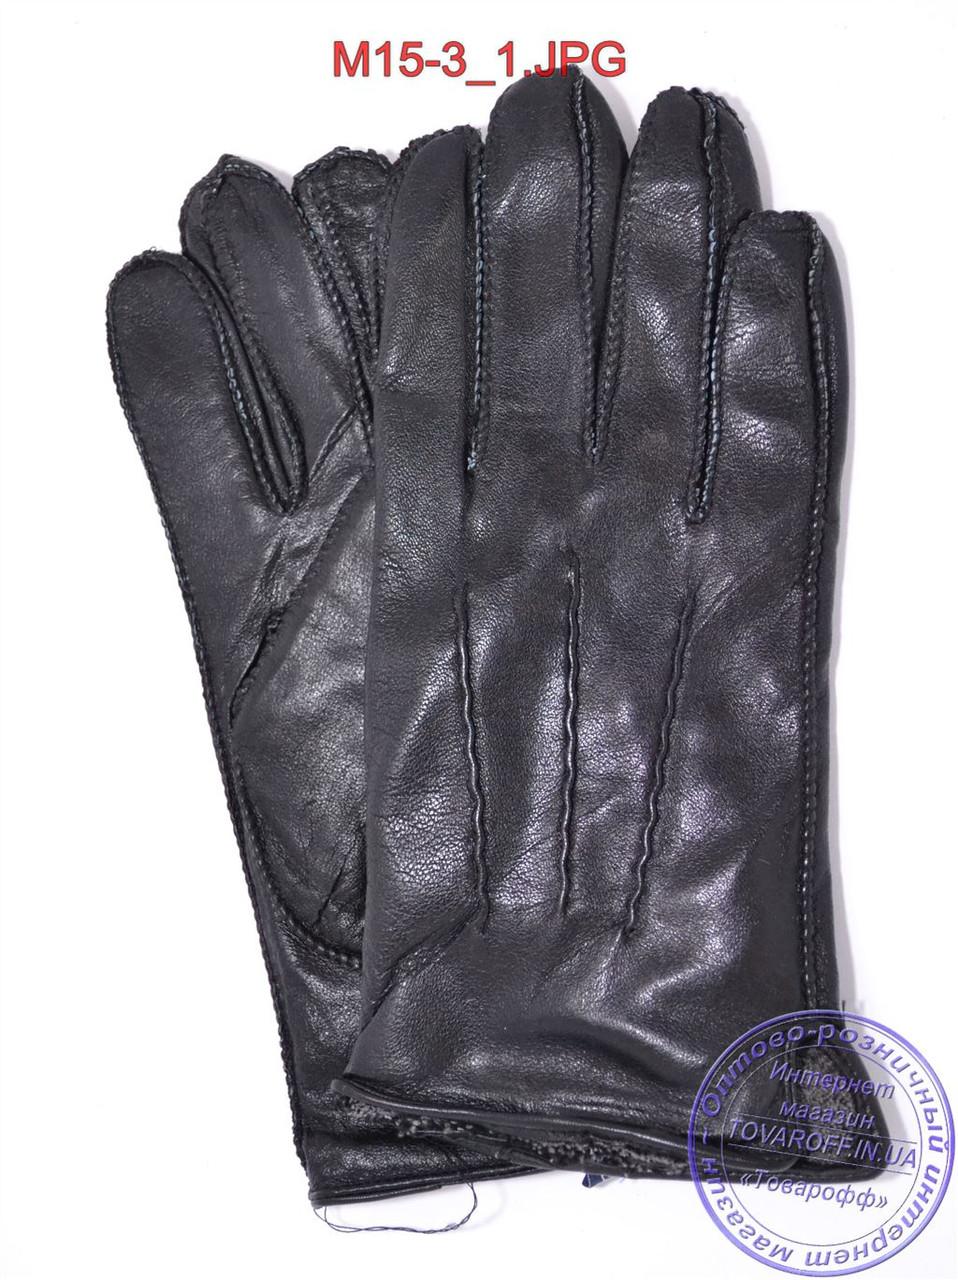 Оптом мужские кожаные перчатки с махровой подкладкой (наружный шов) - №M15-3